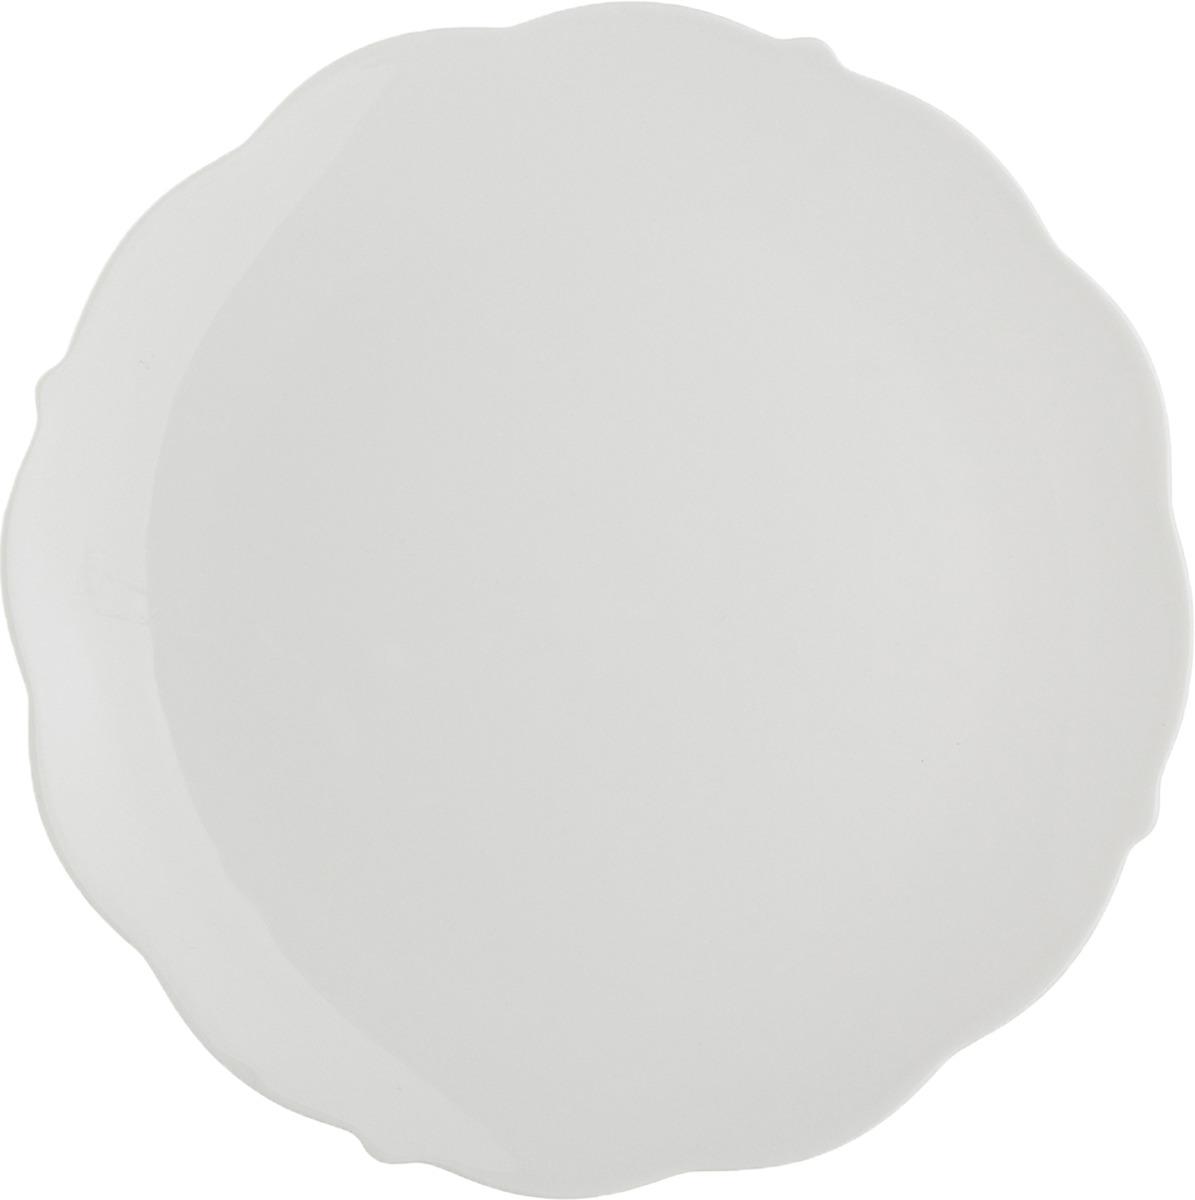 Блюдо круглое Lefard Grace, диаметр 32 cм. JX134-A001-05